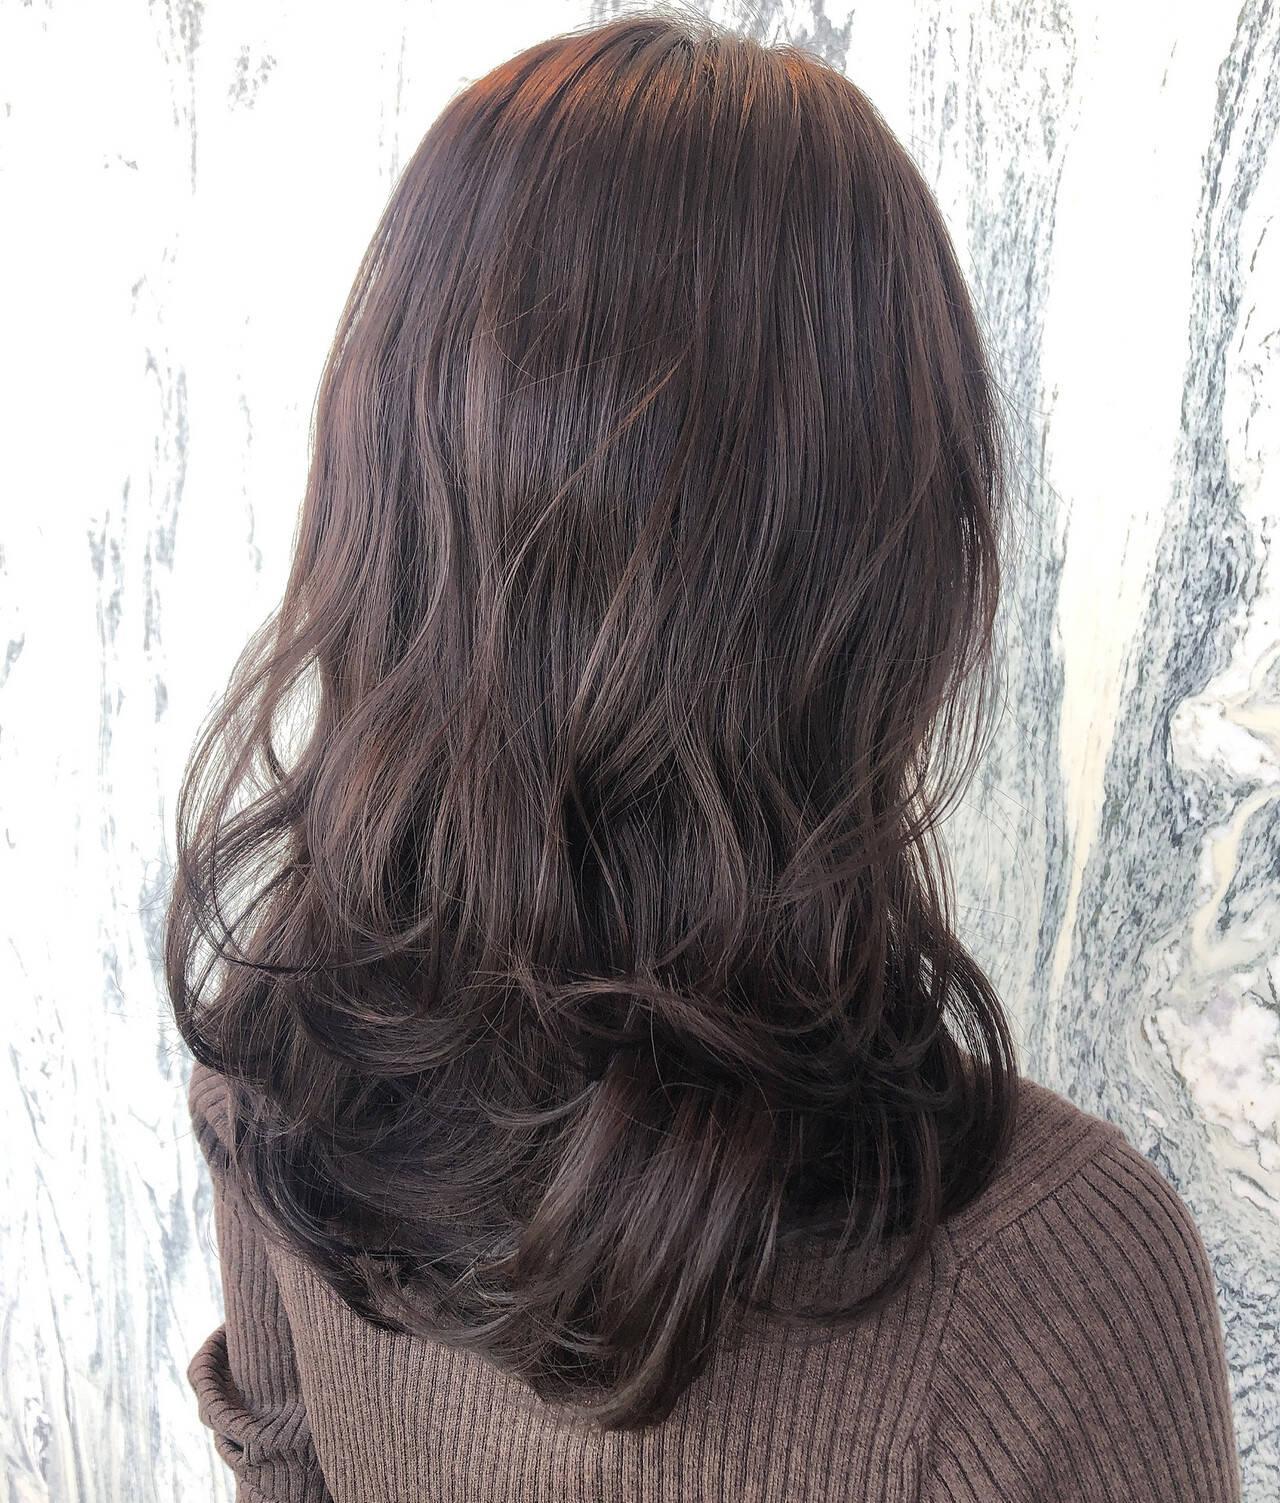 大人ロング ミディアム ゆるふわパーマ 切りっぱなしボブヘアスタイルや髪型の写真・画像